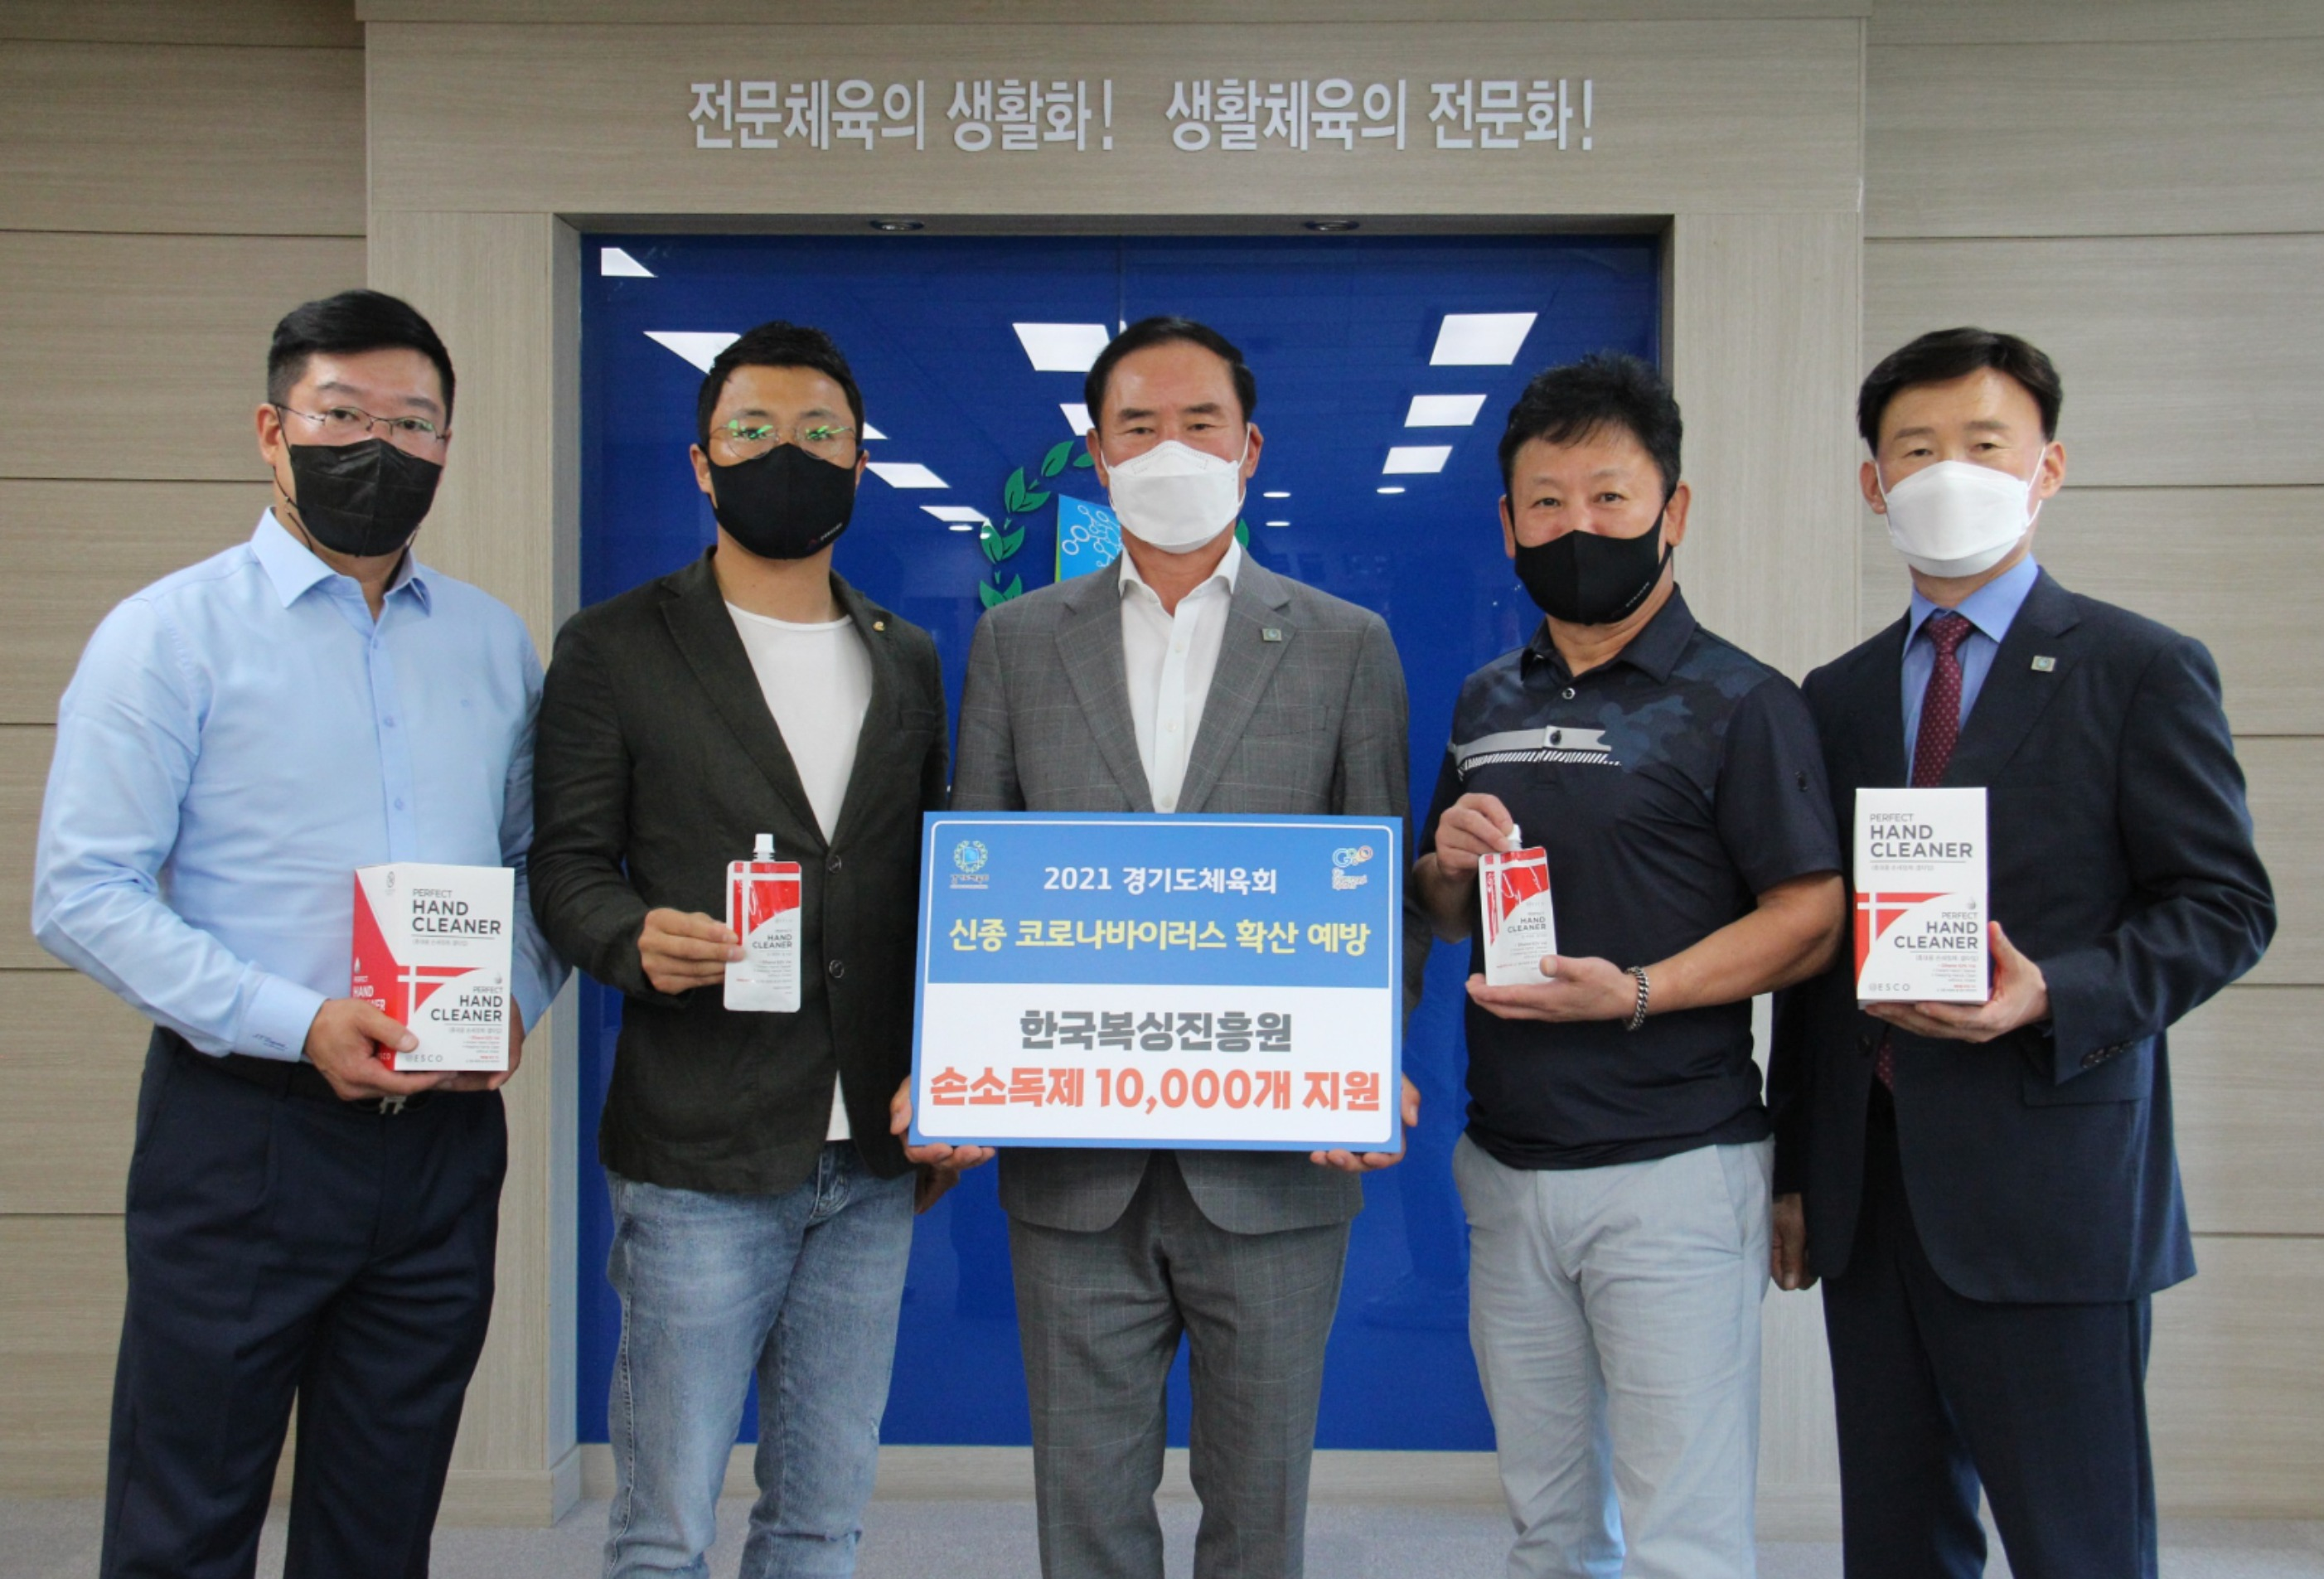 한국복싱진흥원-도체육회 손소독제 기증